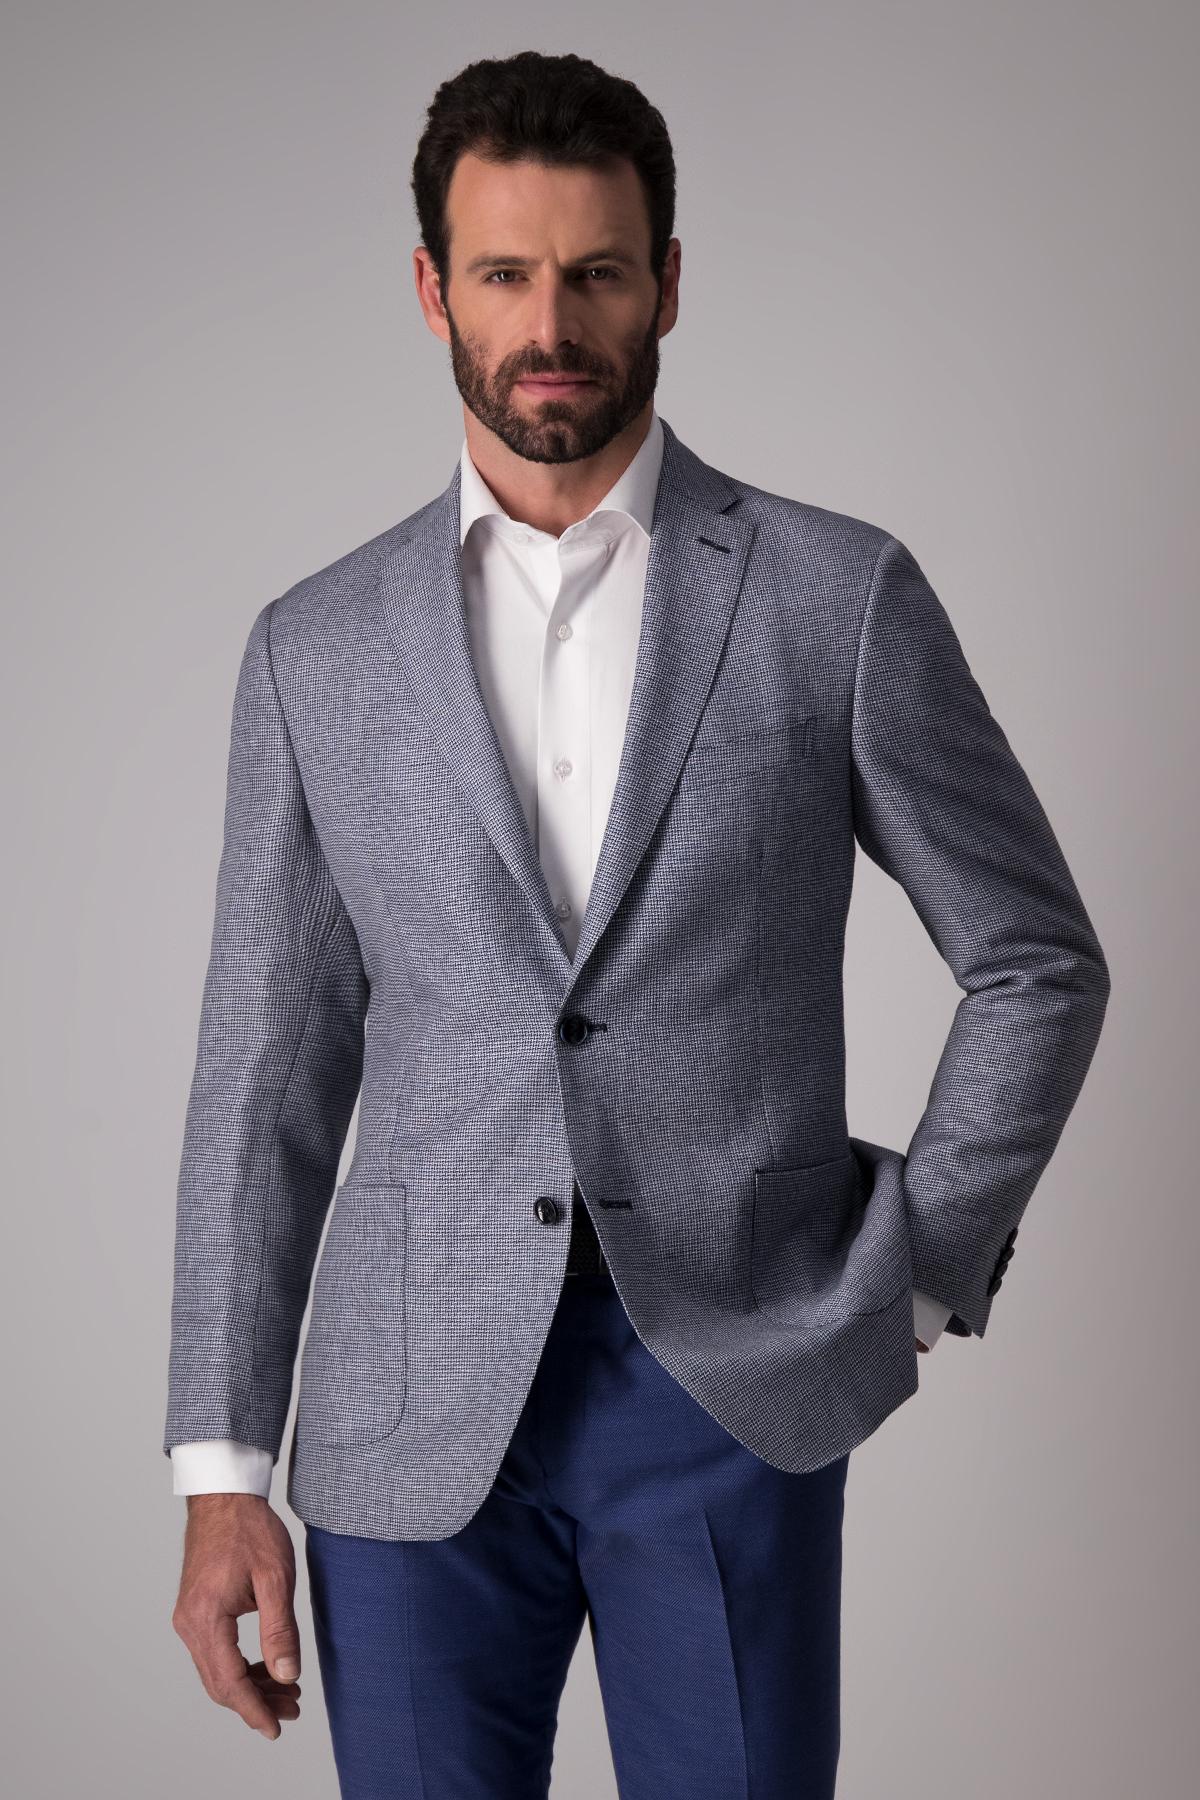 Saco Florencia textura lana